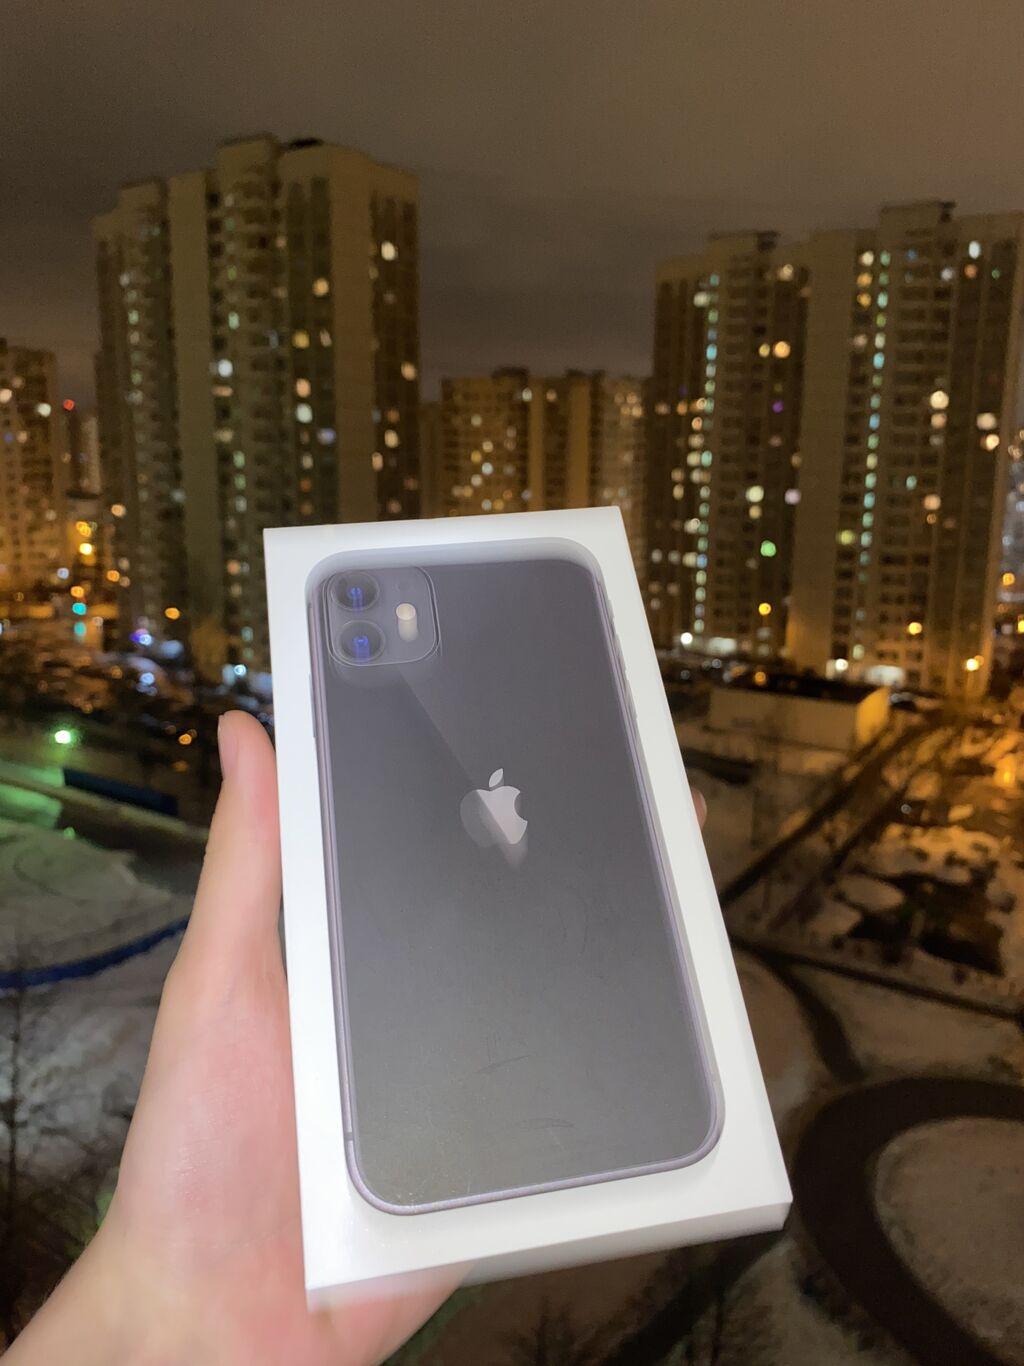 IPhone 11 | 128 ГБ | Черный Б/У | Отпечаток пальца, Face ID, С документами | Объявление создано 14 Октябрь 2021 15:30:41 | APPLE IPHONE: IPhone 11 | 128 ГБ | Черный Б/У | Отпечаток пальца, Face ID, С документами